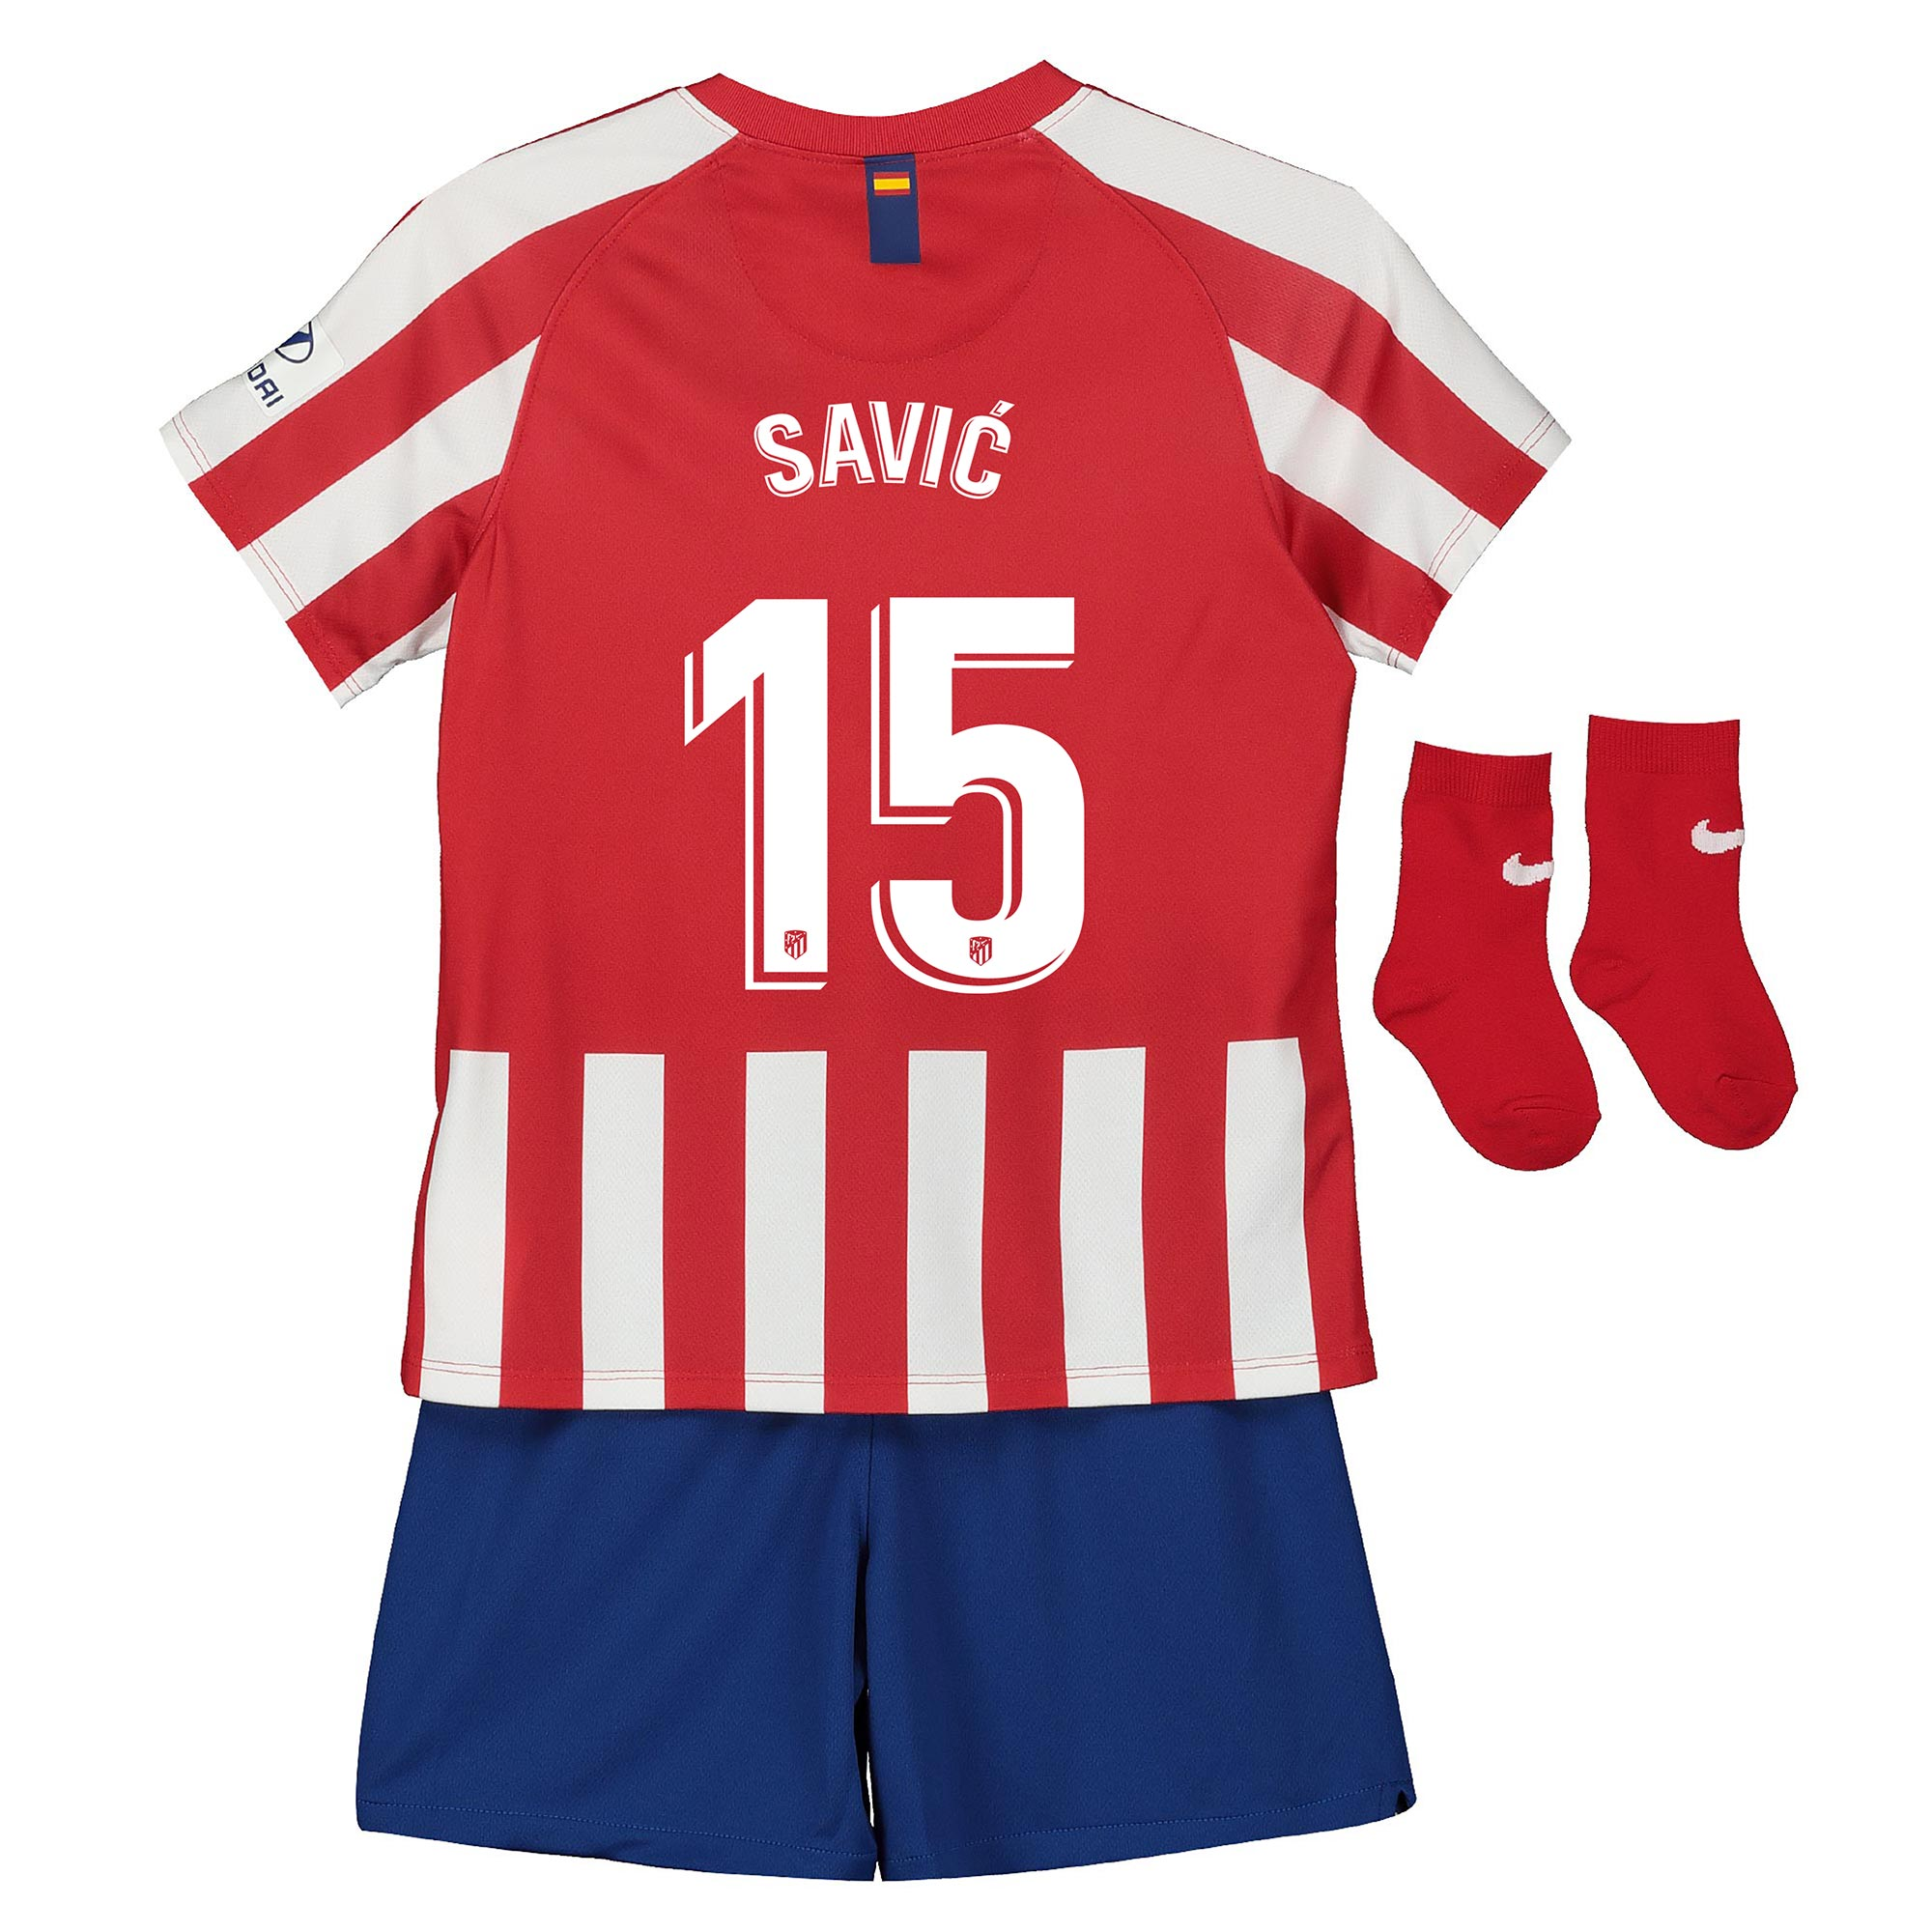 Nike / Conjunto de la 1ª equipación Stadium del Atlético de Madrid 2019-20 - Bebé dorsal Savic 15